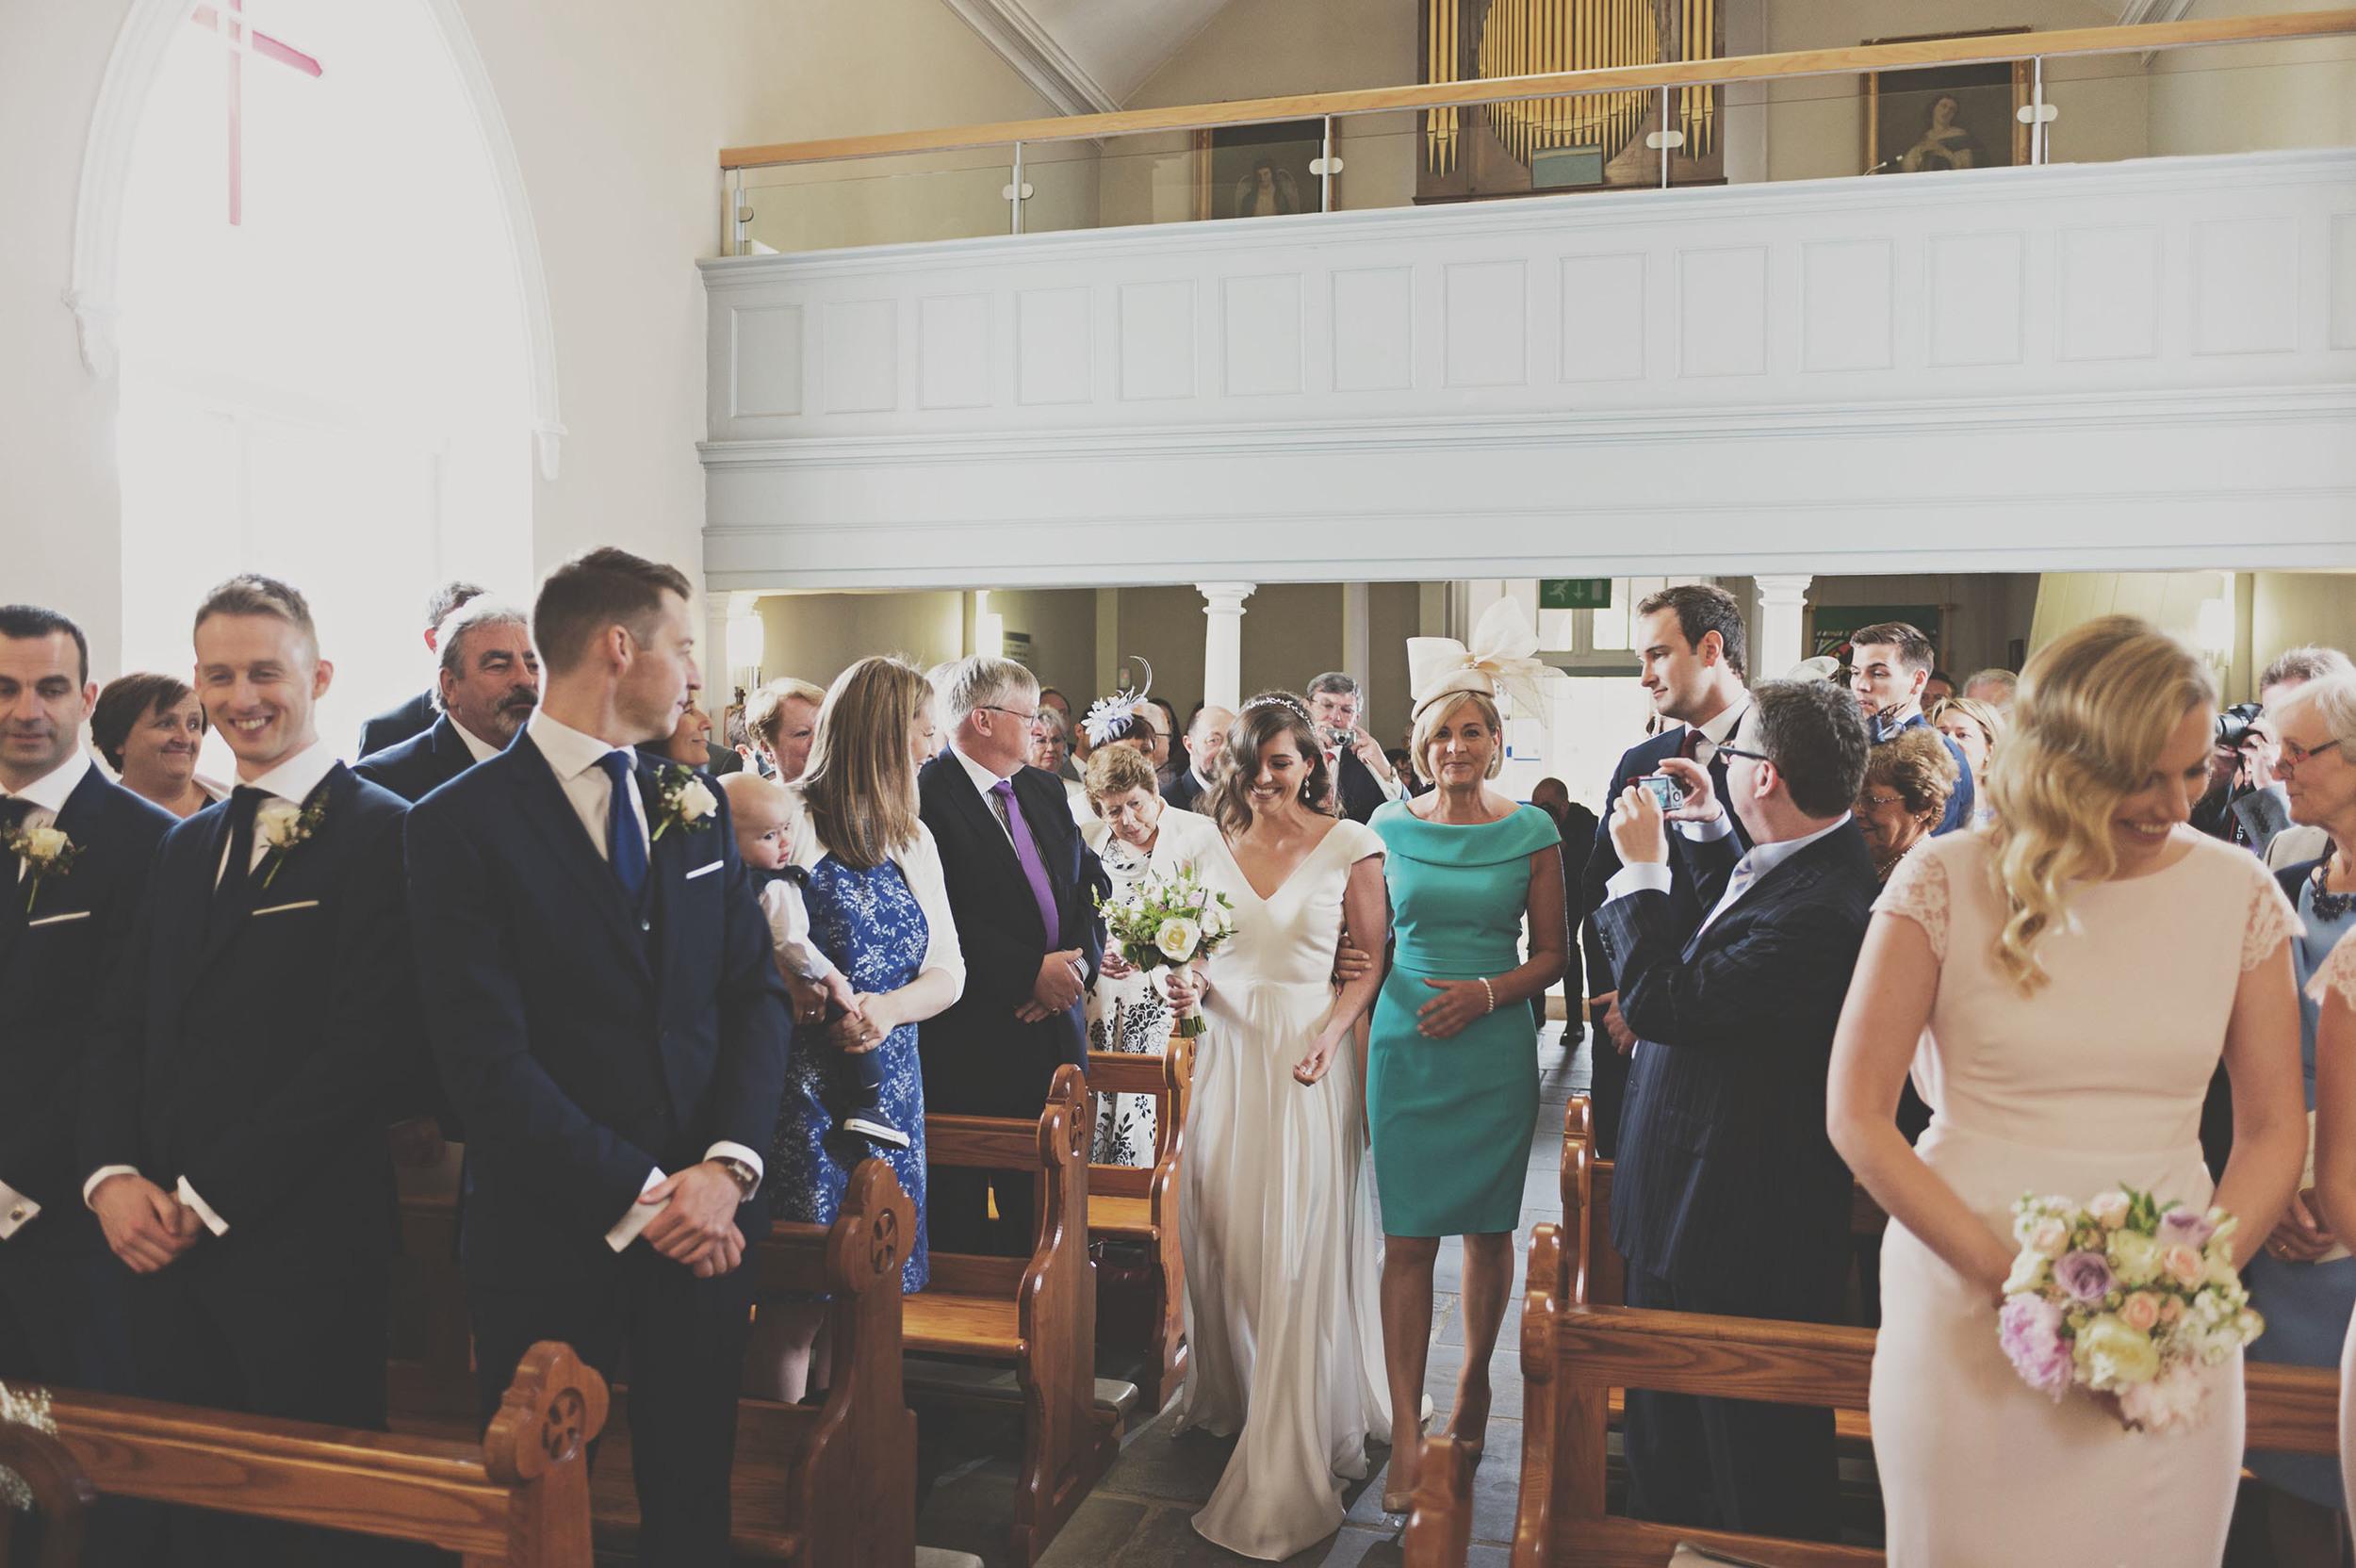 Anna & Mark's Clonwillam House wedding 020.jpg